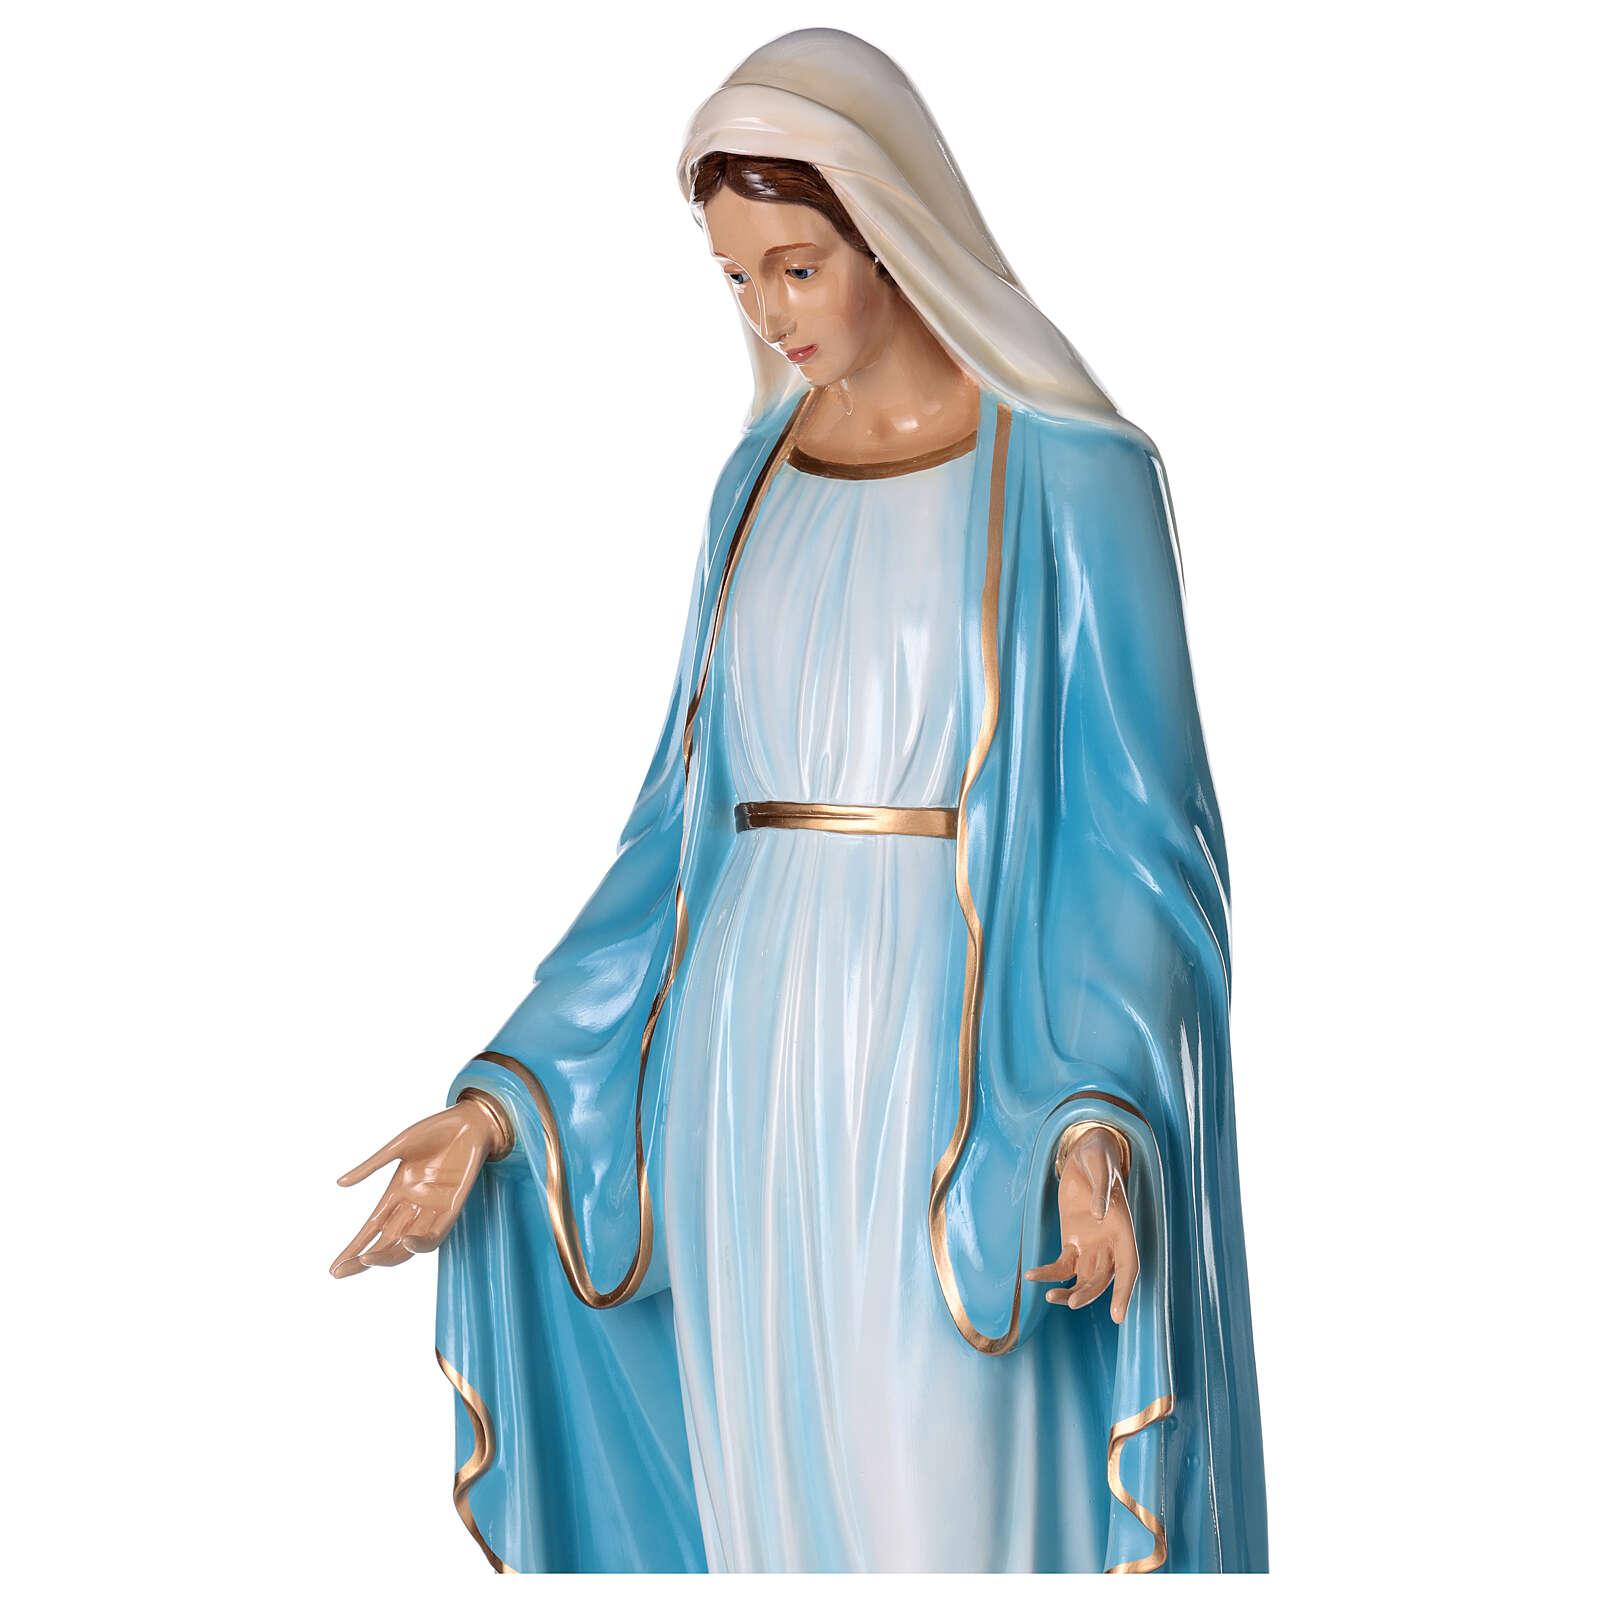 Statua Maria Immacolata occhi cristallo 145 cm vetroresina PER ESTERNO 4